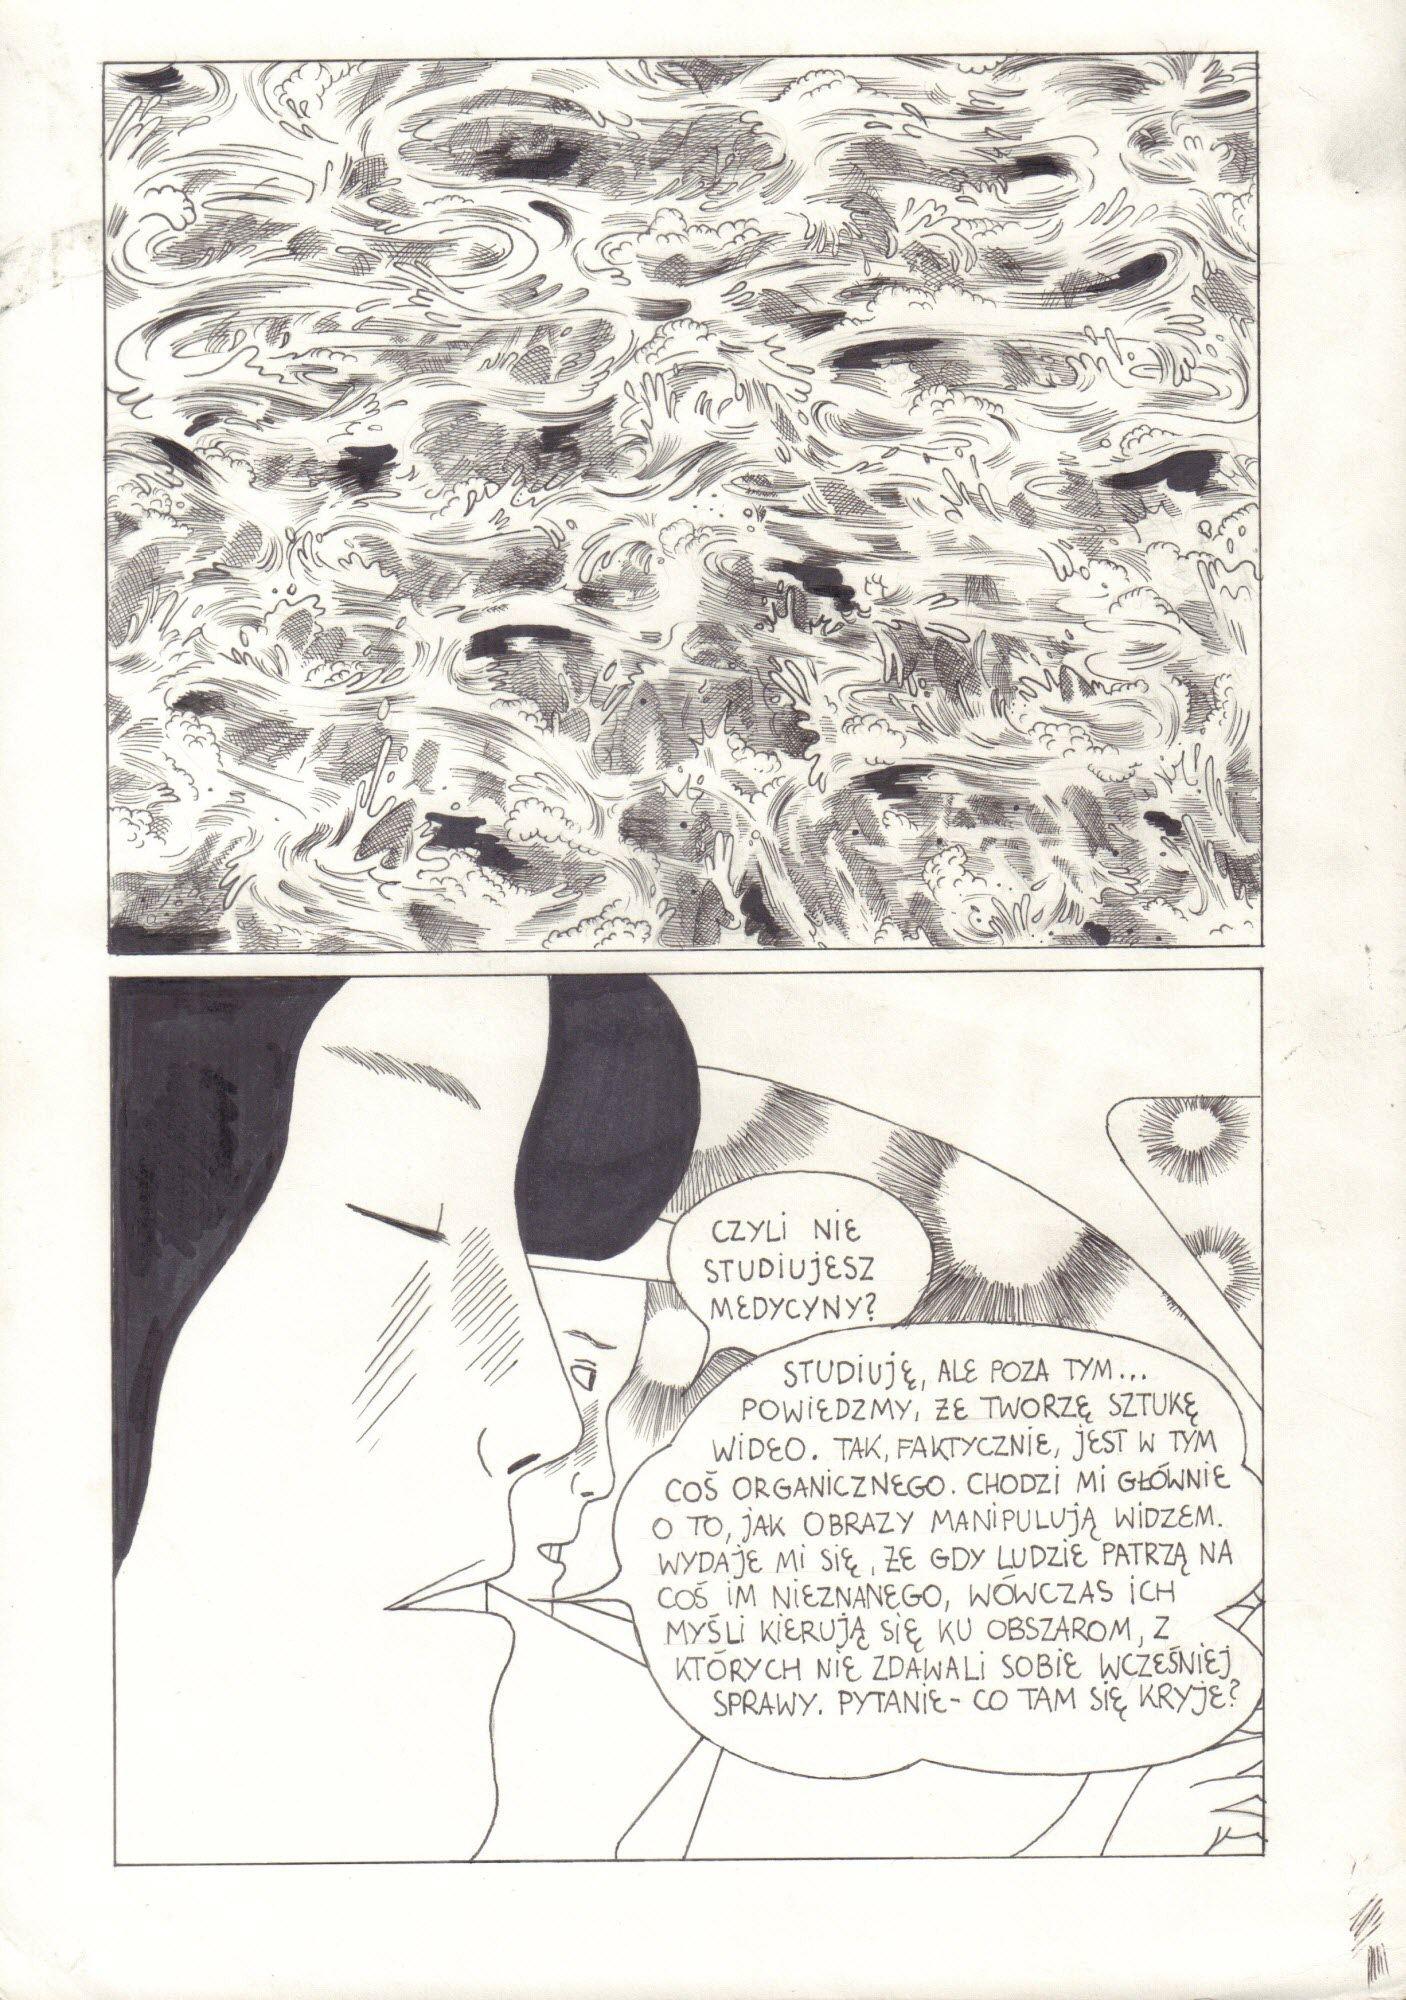 Maszinga: Zwodnicze nowe obrazy, s. 85